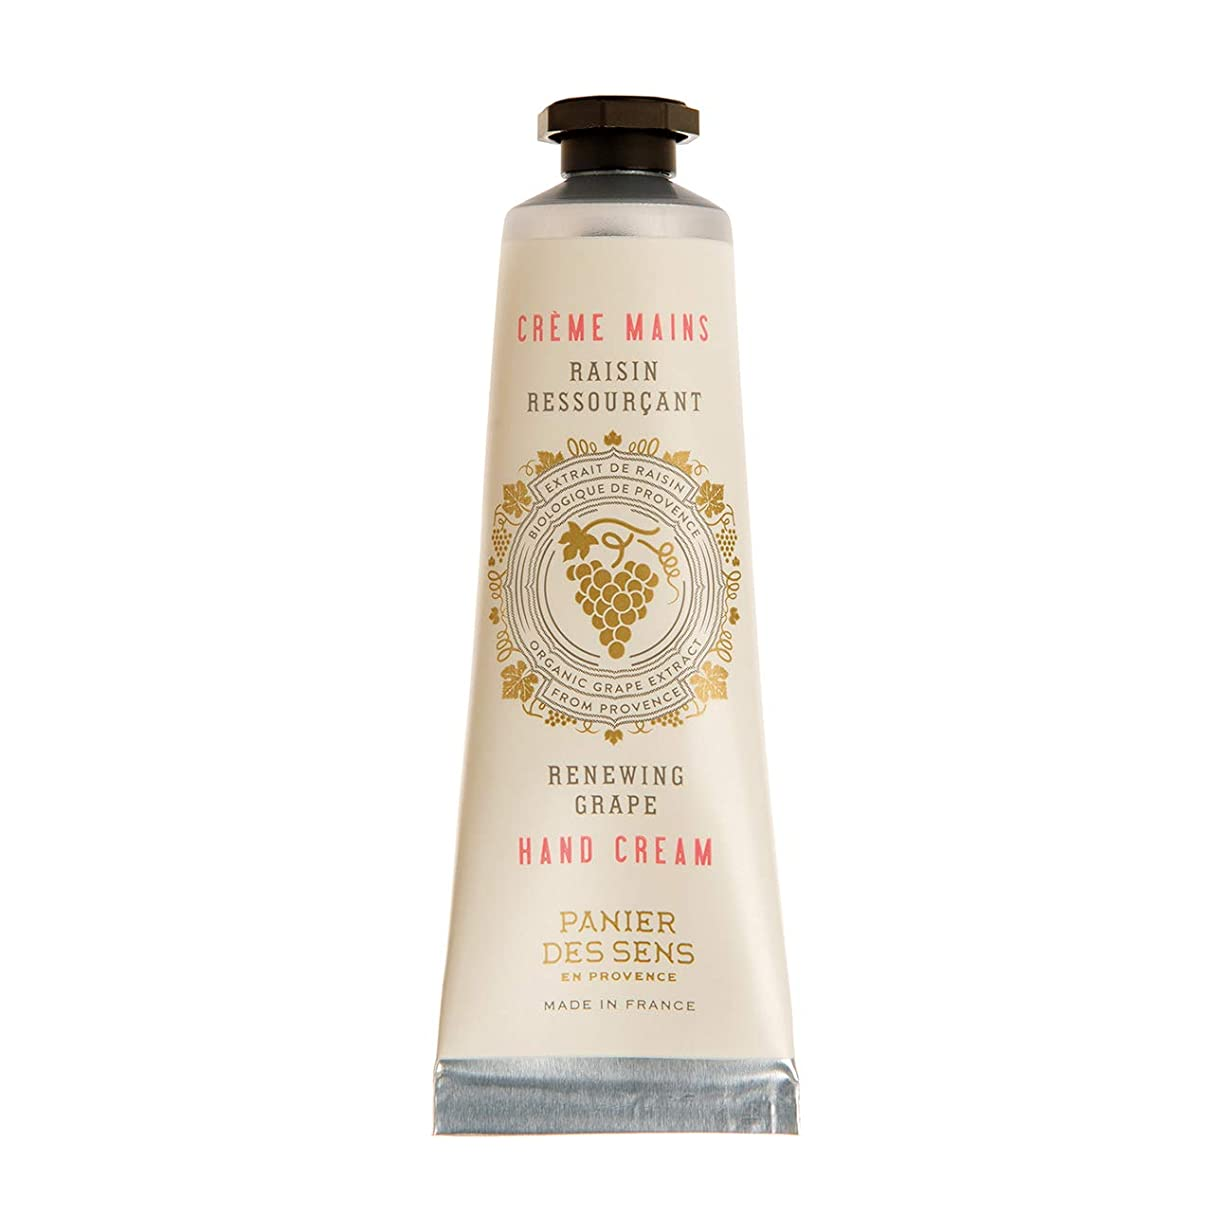 無限連続した致命的Panierdessens(パニエデサンス) PDS ハンドクリーム ホワイトグレープのフレッシュな香り 30mL(手肌用保湿 フランス製)